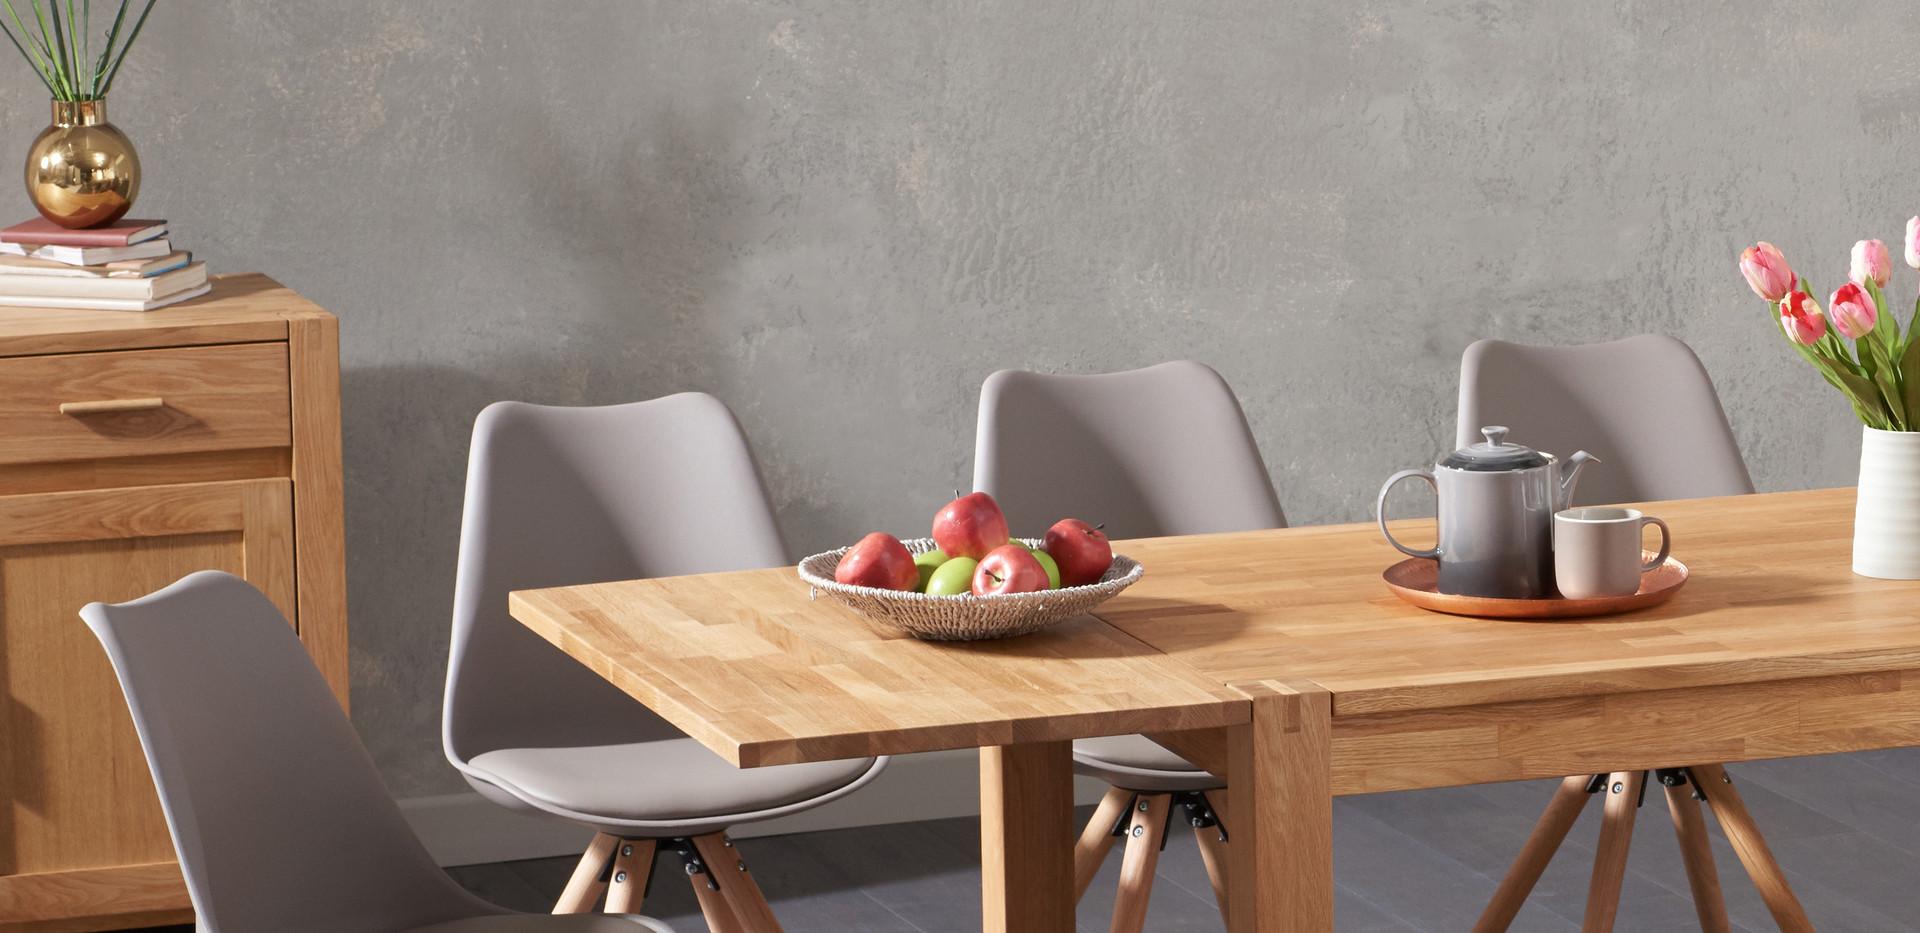 Dining room studio shot for Oak furniture Superstore